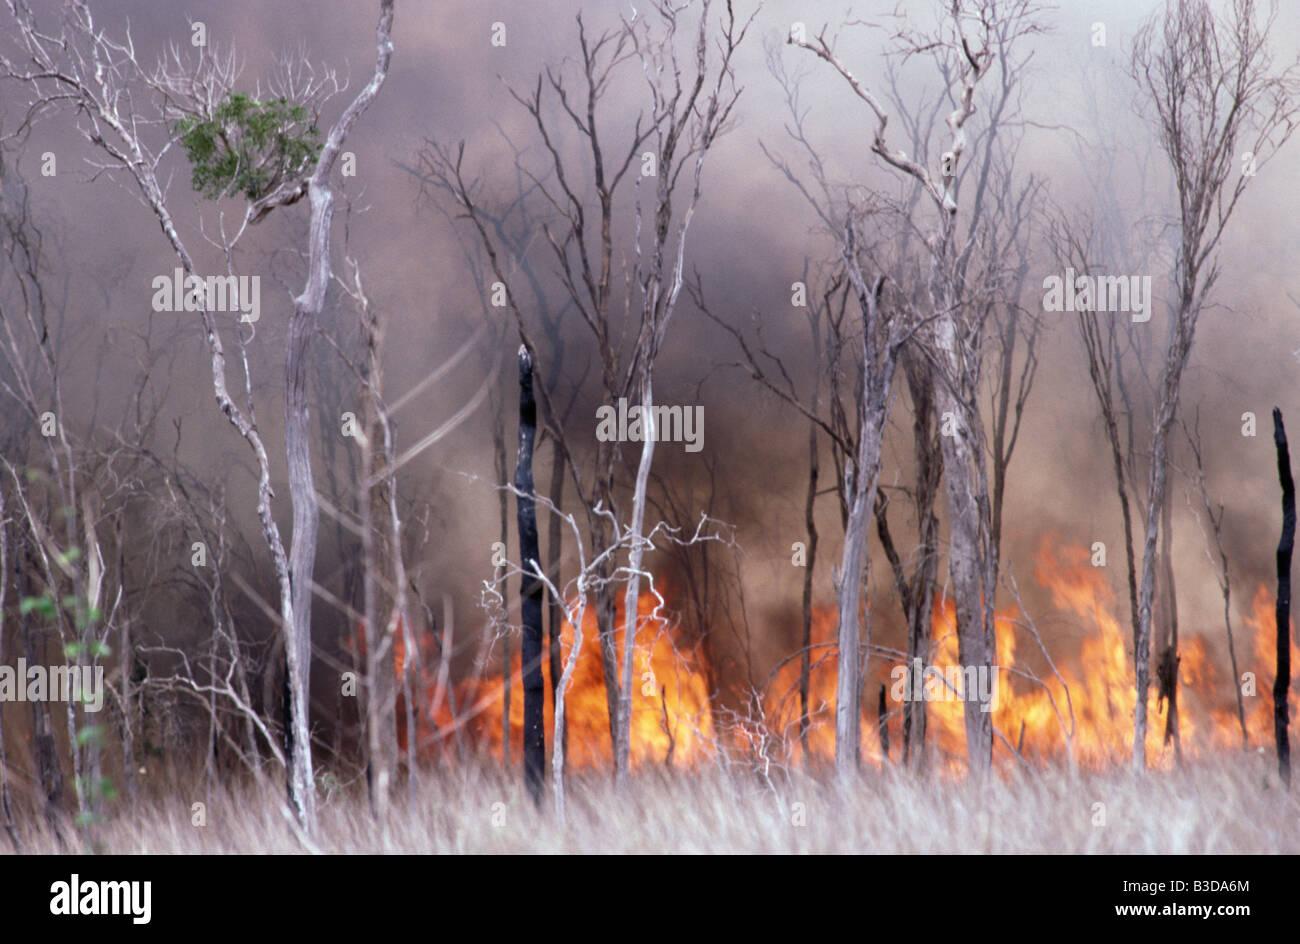 feu de forets BURNING FOREST FIRE sud south MADAGASCAR Africa African blaze blazing burn burned burning burns conflagration - Stock Image